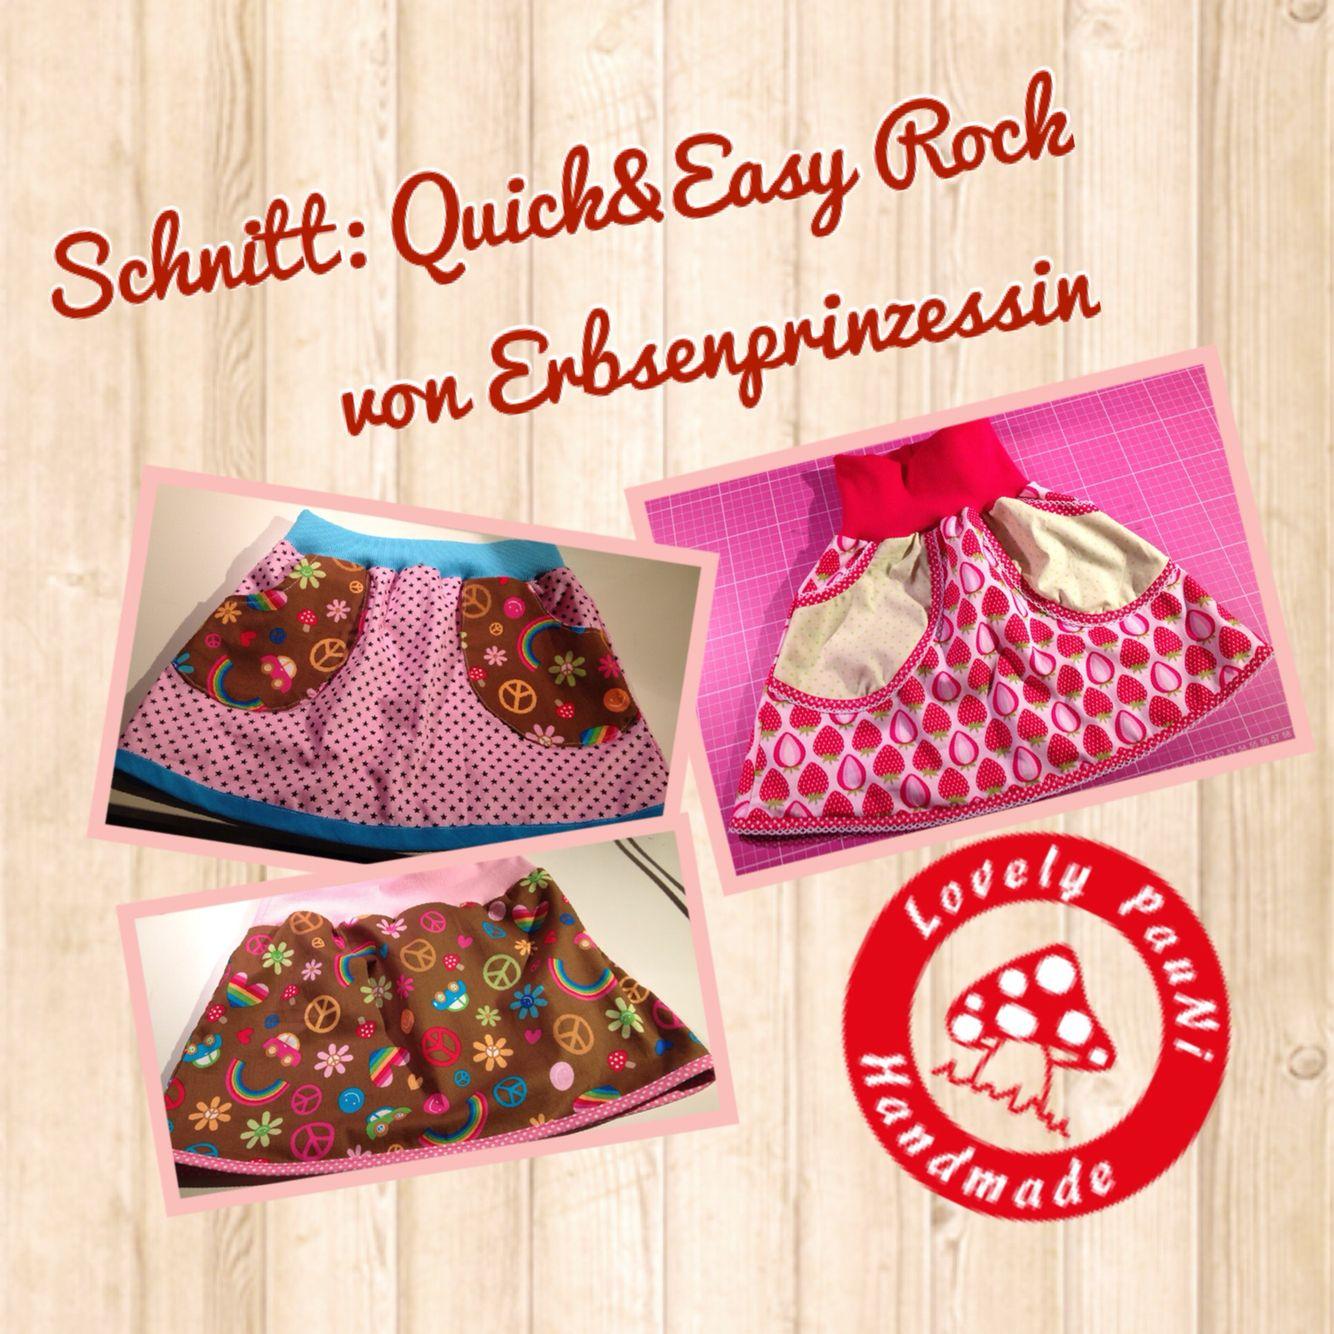 Rock Schnitt Erbsenprinzessin   Fertige Röcke bei mir  #frauerbse #LovelyPauNiBlog #LovelyPauNi